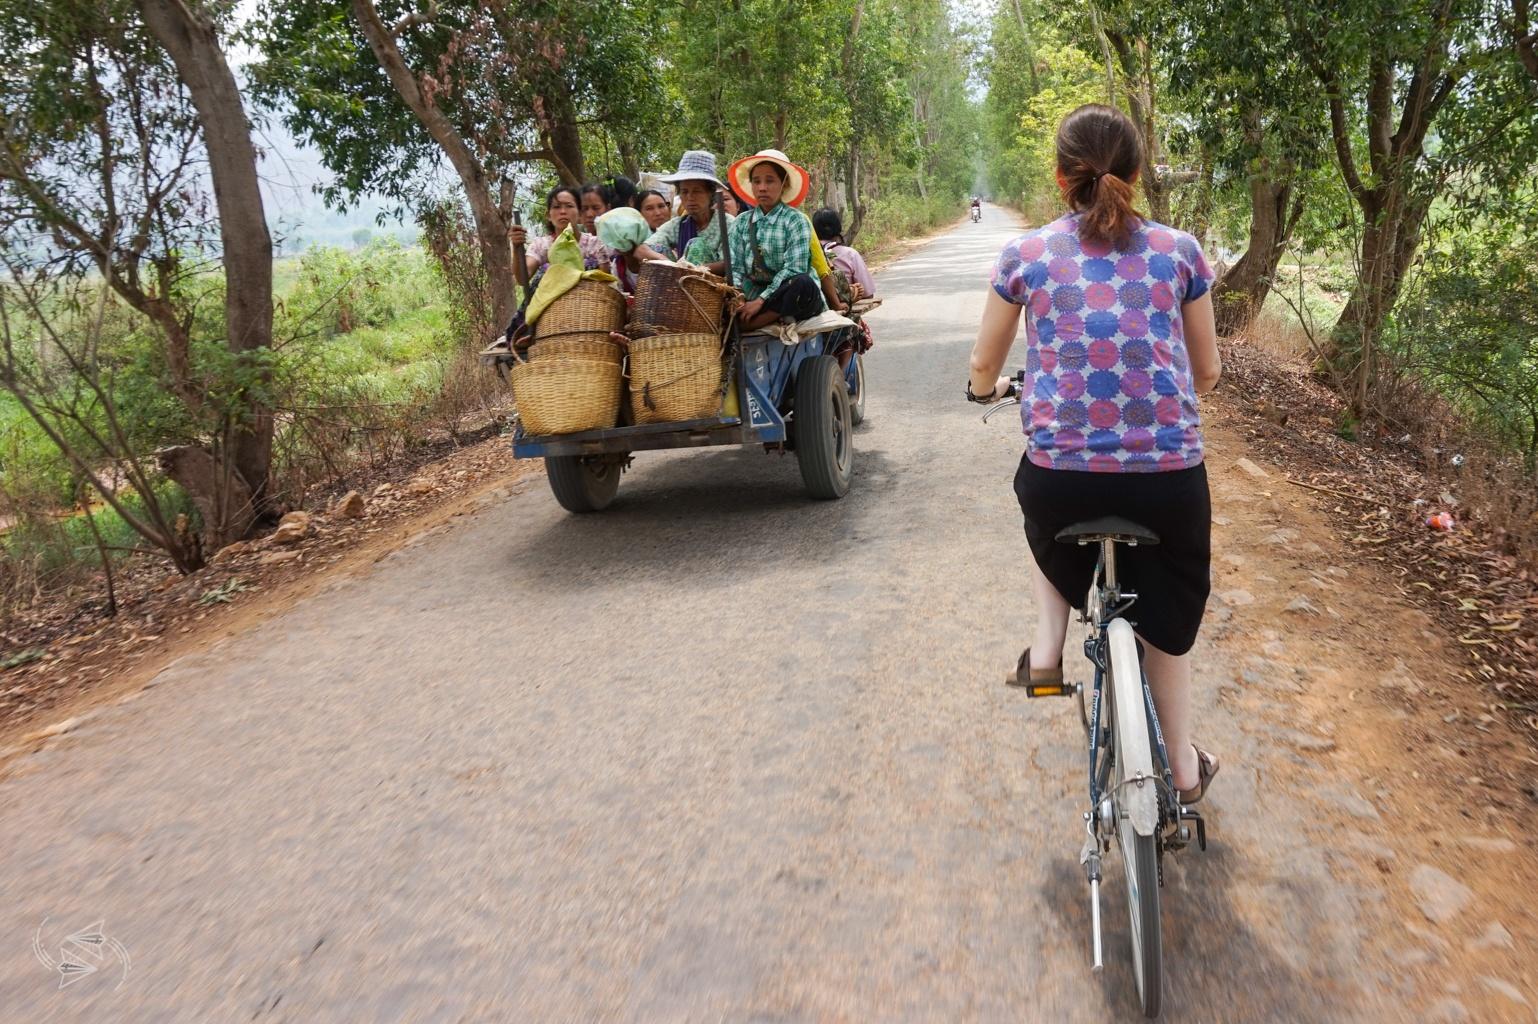 bike ride nyaungshwe inle lake myanmar, bike ride to red mountain winery inle lake